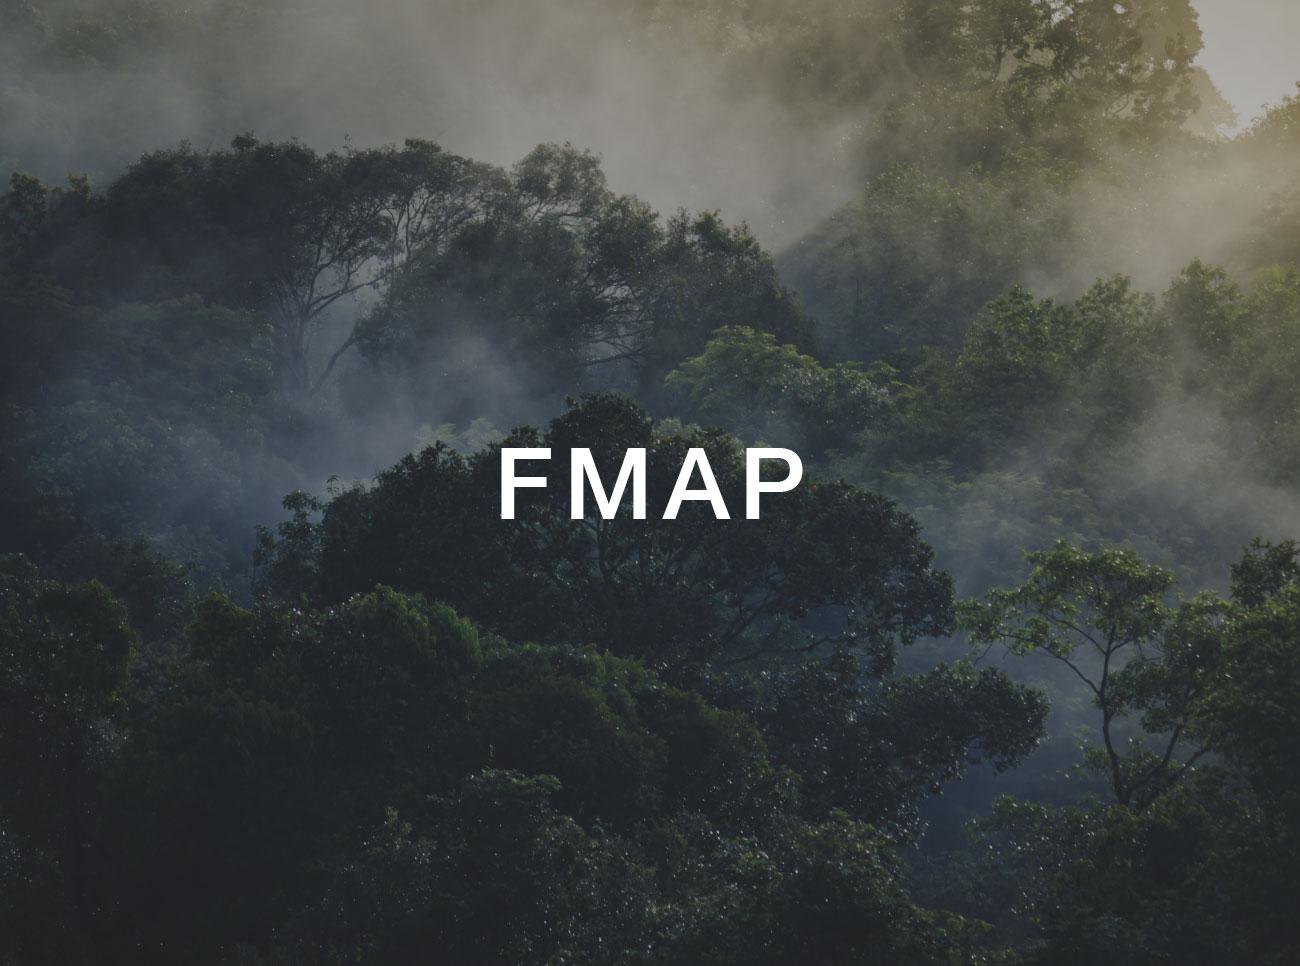 fmap-small.jpg